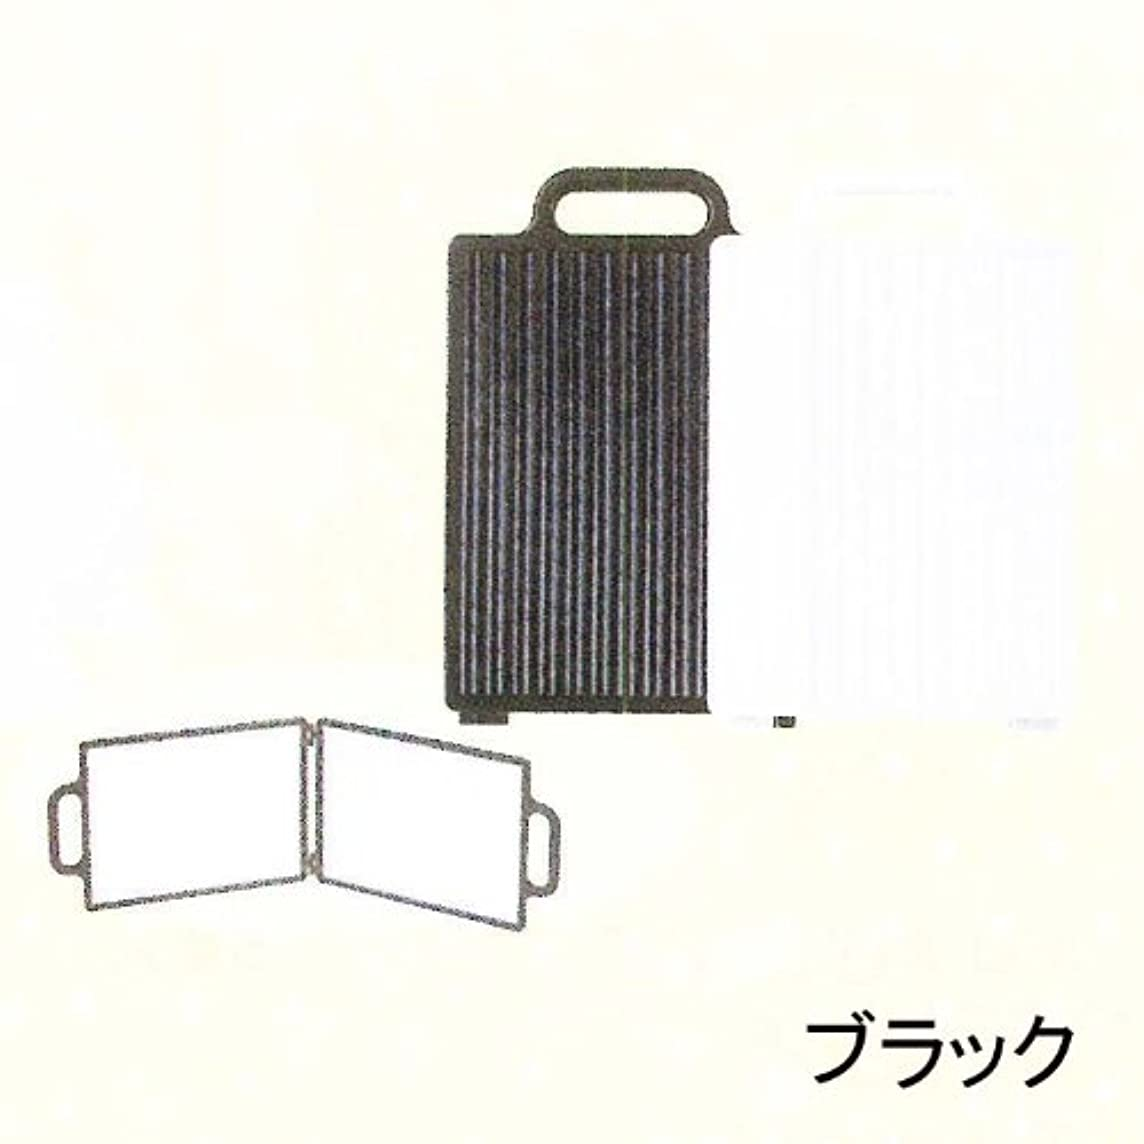 オプション戸棚過言Y-3505 角形バックミラー ブラック